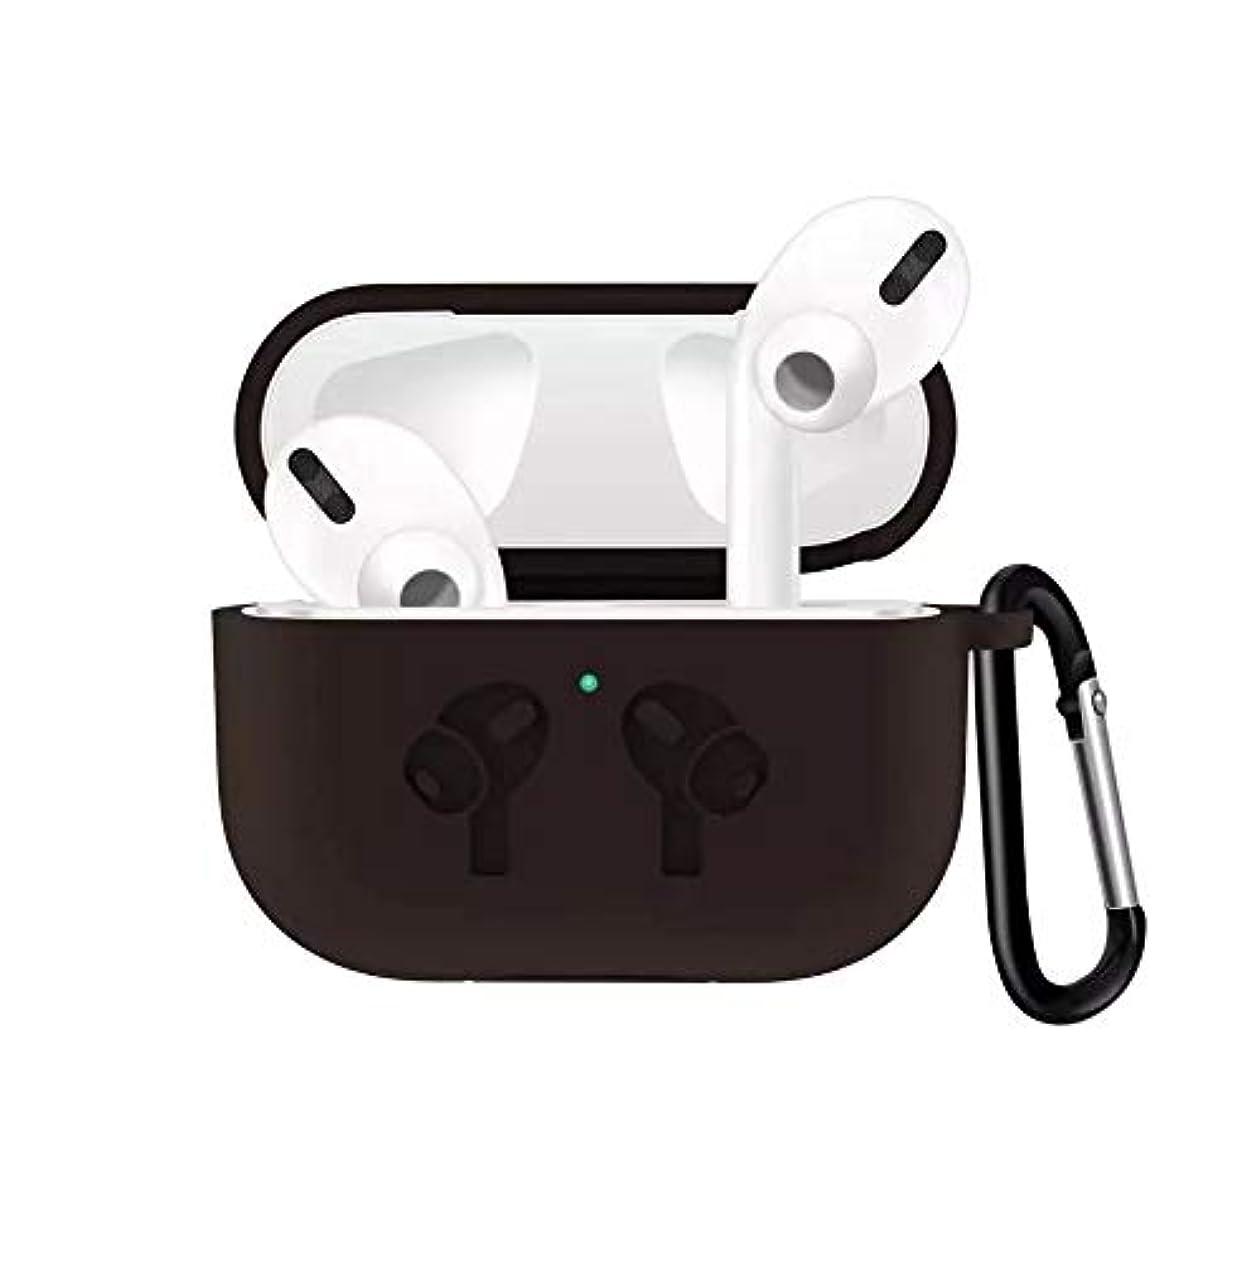 任命するなしで異なるMinnoShop AirPods Pro対応ケース フック付き 高品質シリコン ソフト 耐衝撃 防塵 ワイヤレス充電 AirPods Pro 用